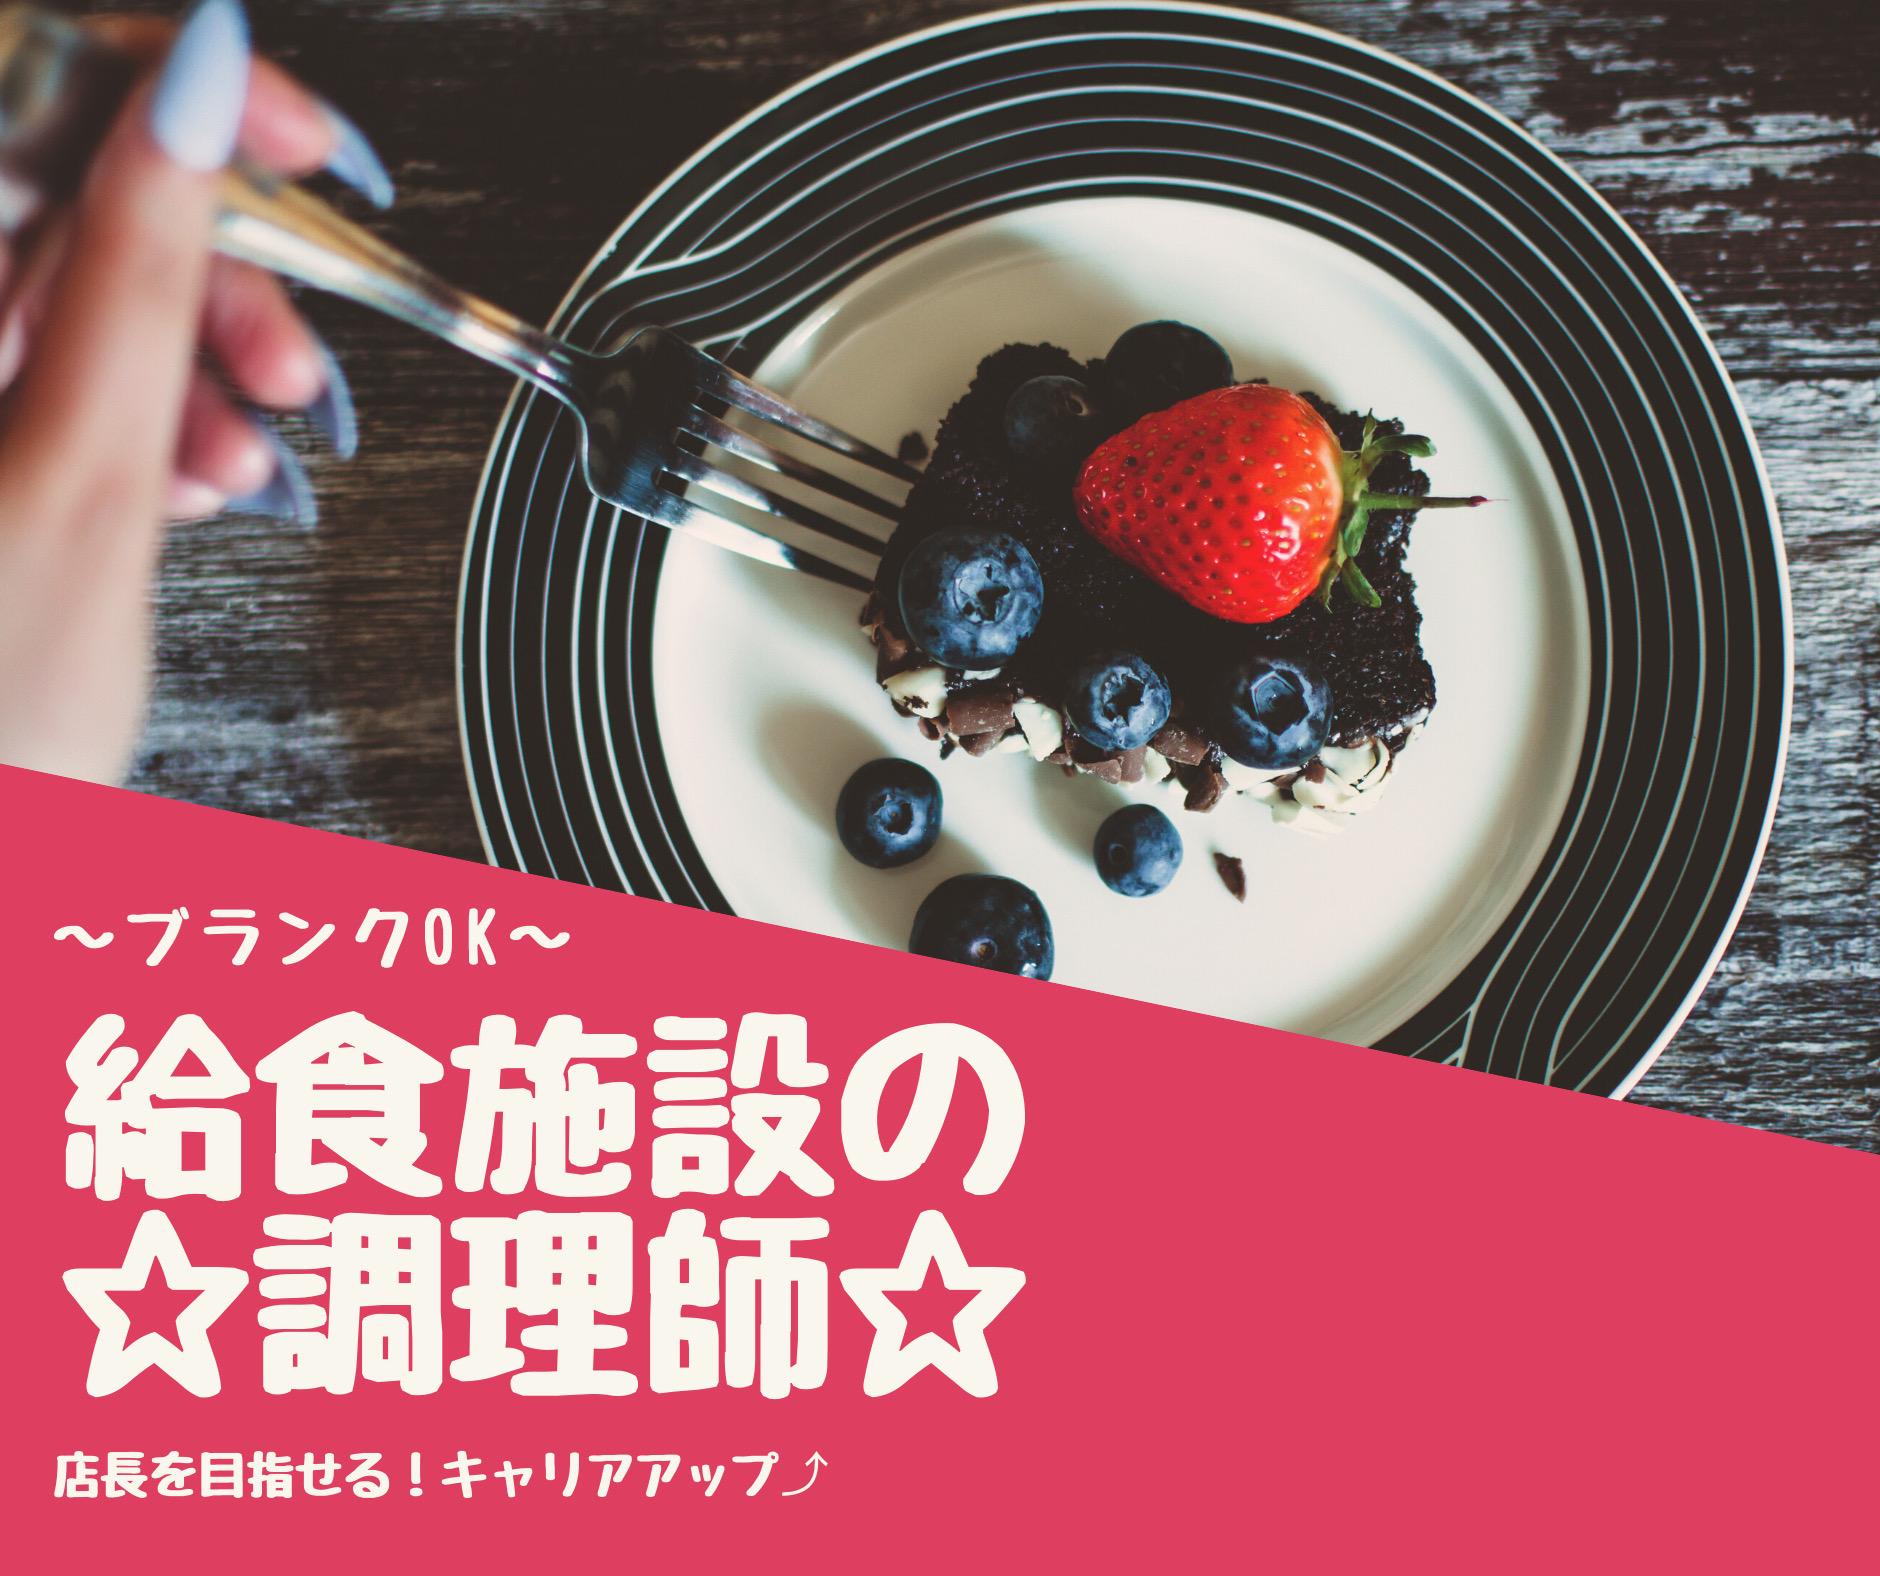 賞与年2回〜キャリアアップできる調理師〜江南周辺から通勤圏内でご相談 イメージ